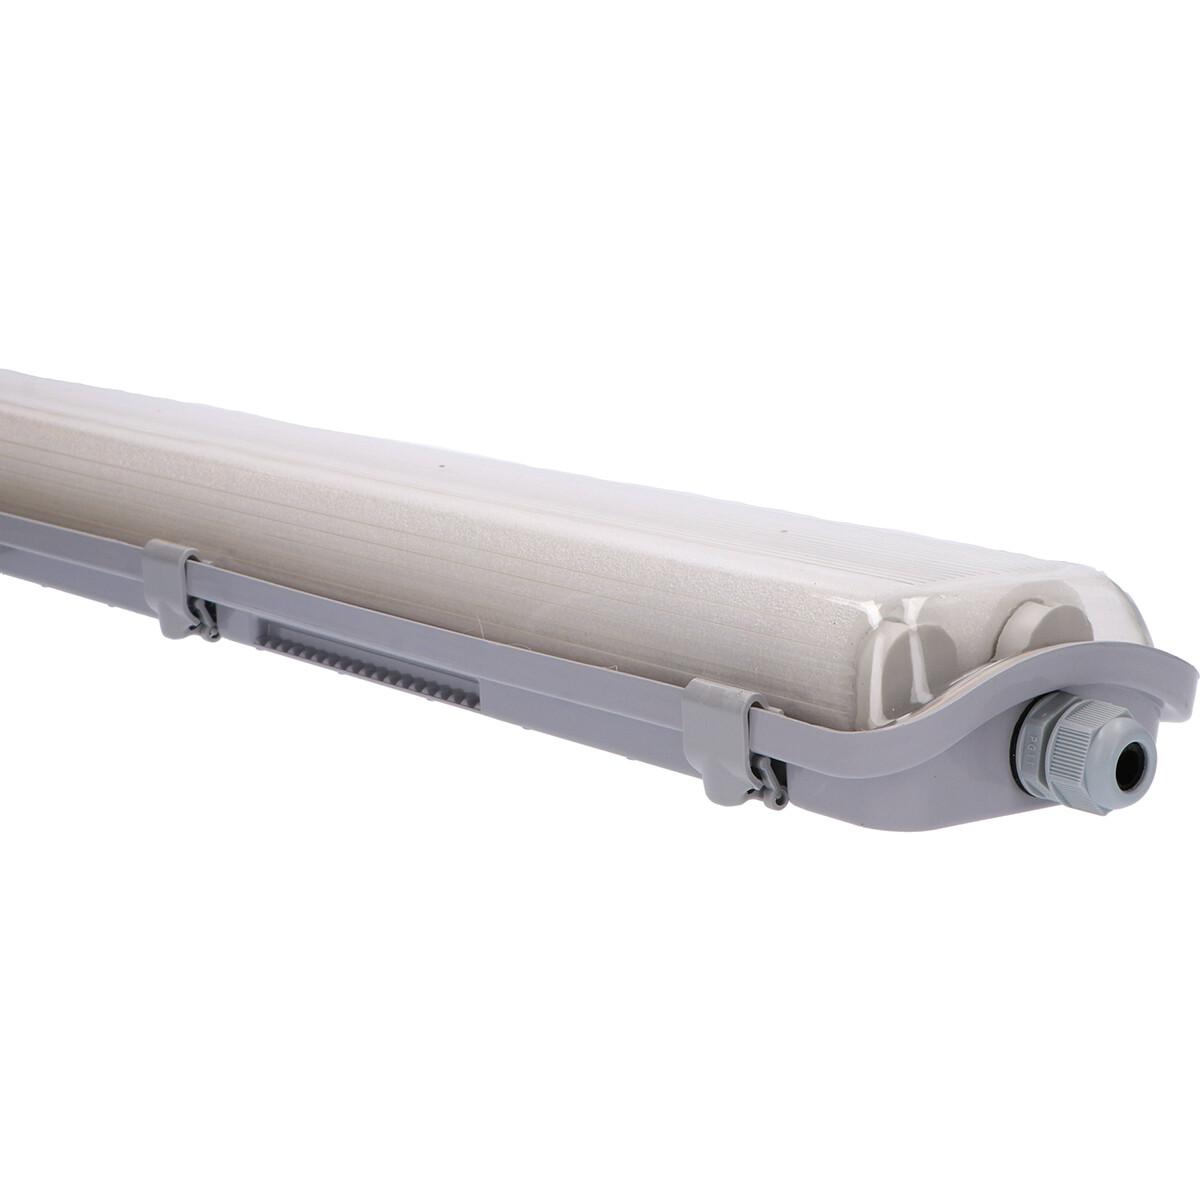 LED TL Armatuur met T8 Buizen - Sanola Yvor - 120cm Dubbel - 36W - Natuurlijk Wit 4000K - Mat Grijs